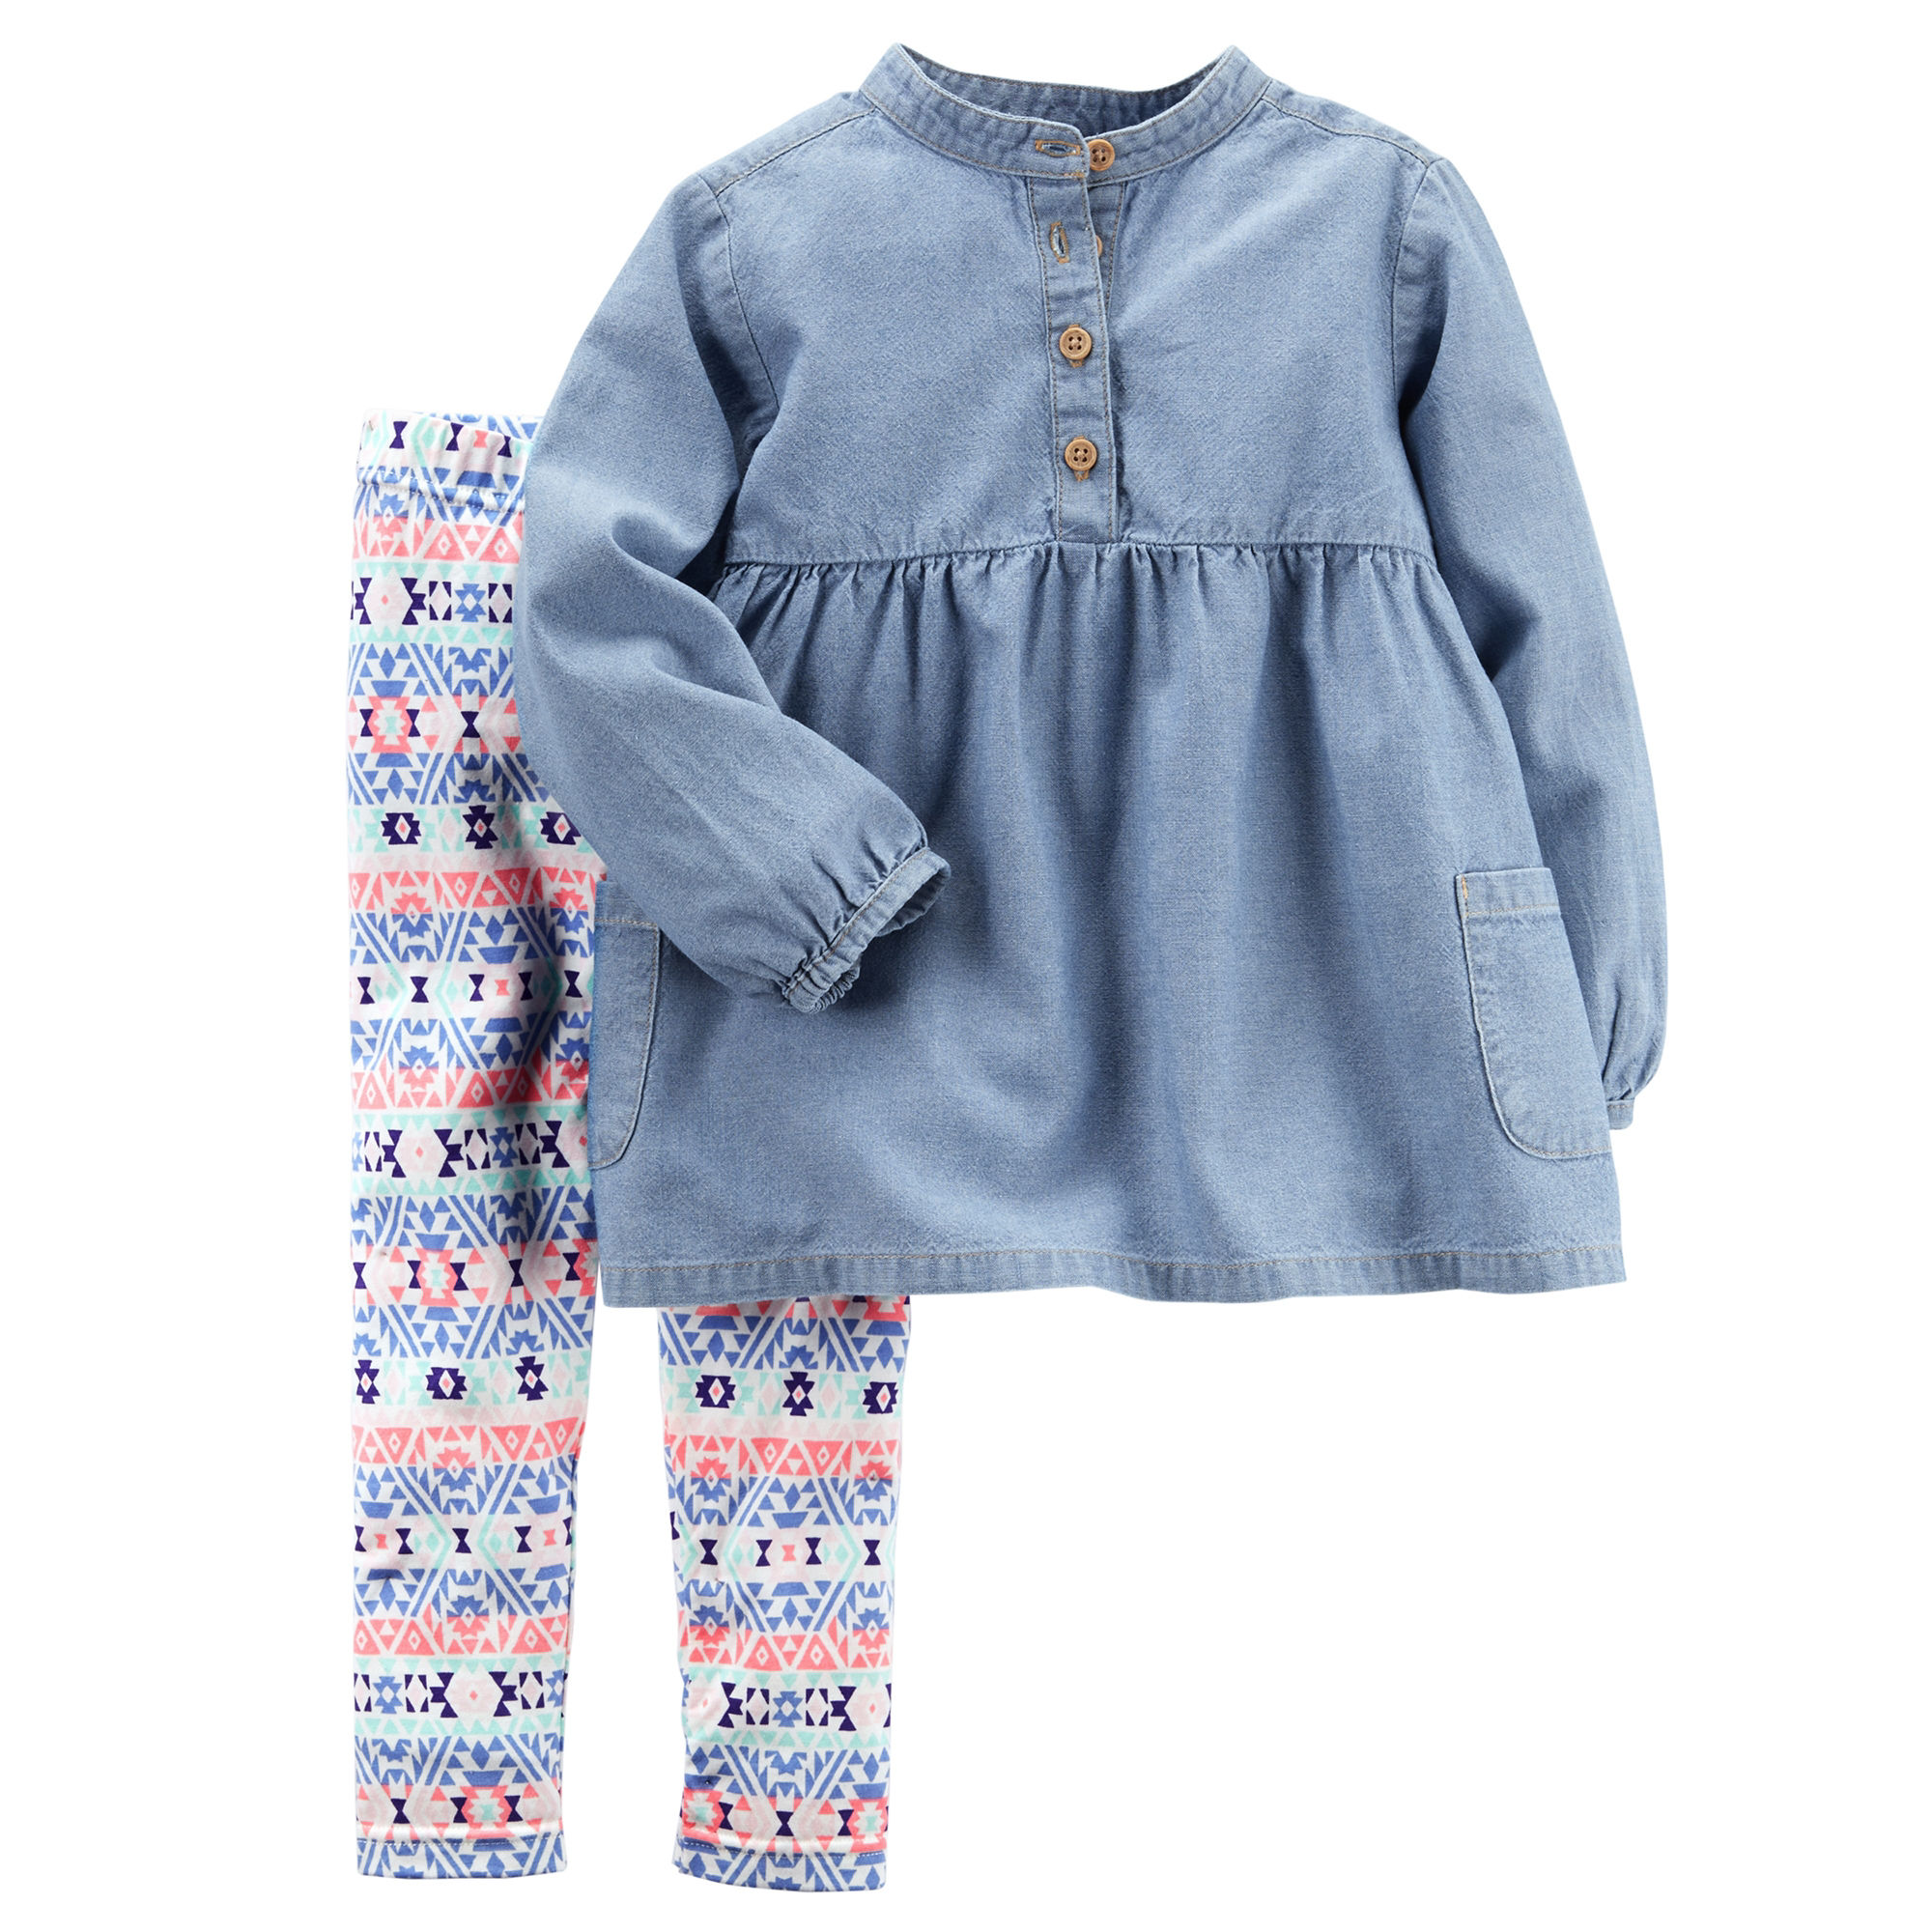 Купить 2 3 4 5 6 7 8 9 10 baby boy good quality spring child cartoon jeans denim vest в питере недорого